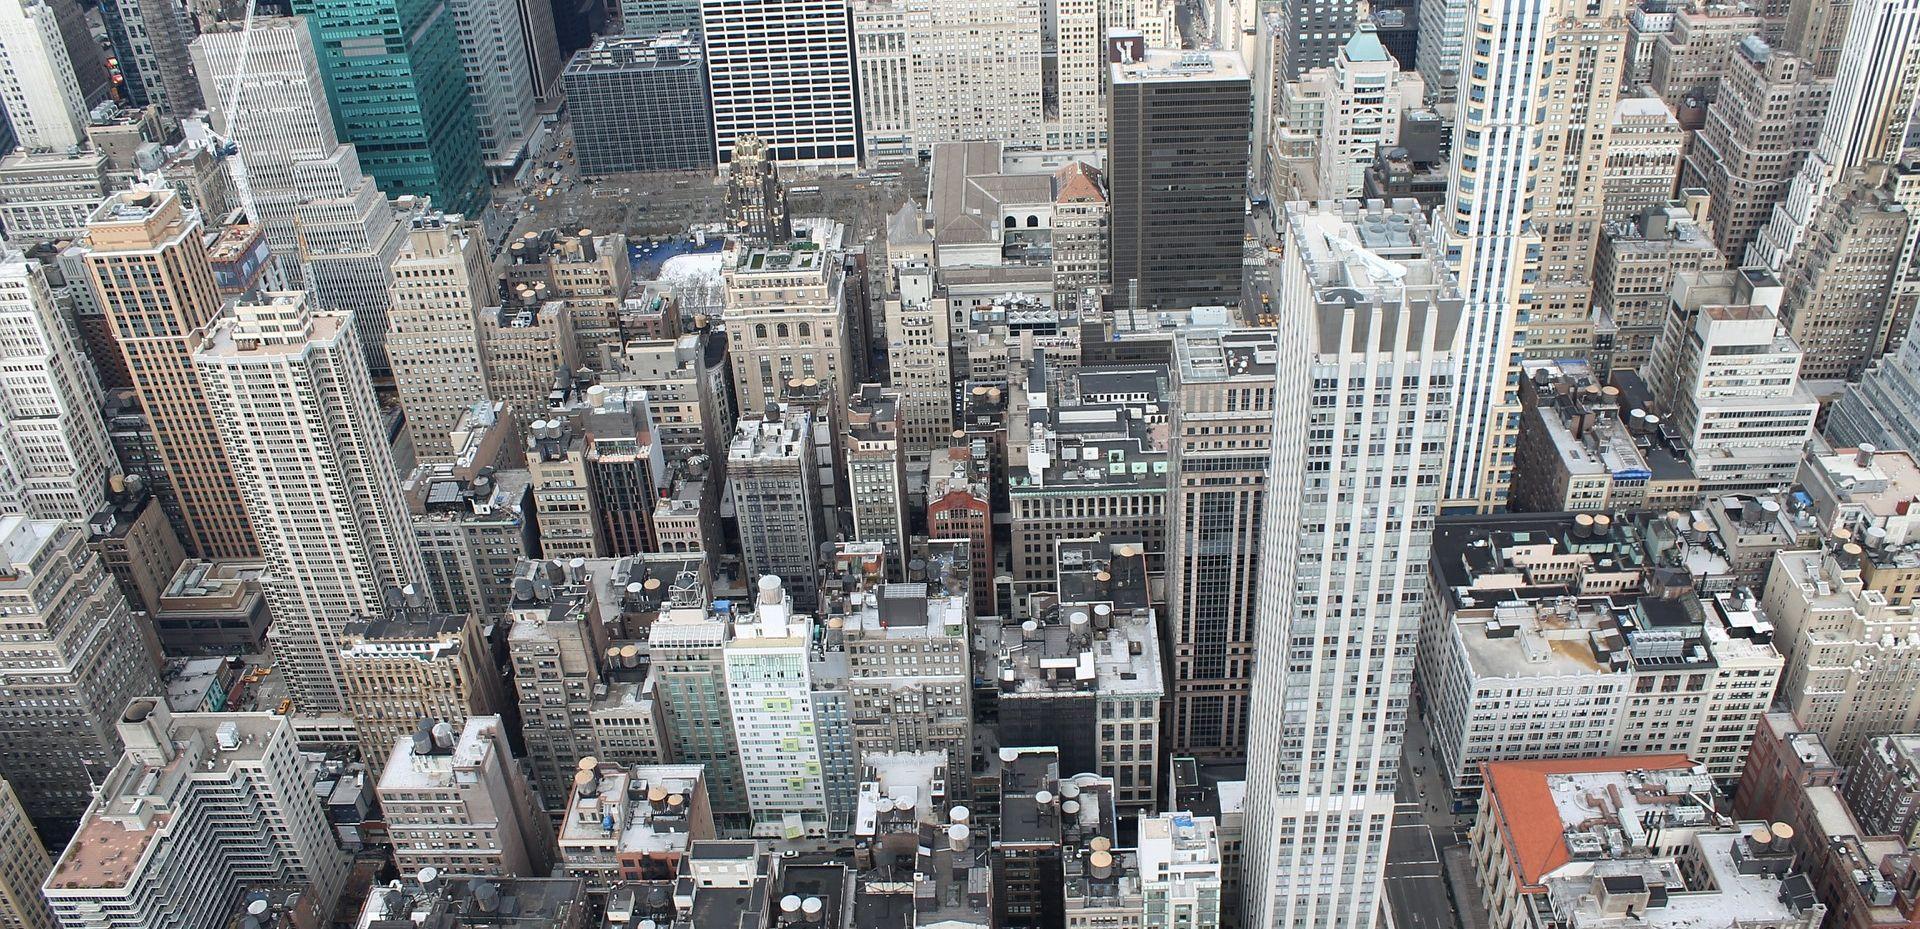 Kriminal u New Yorku na najnižoj razini u posljednjih 25 godina